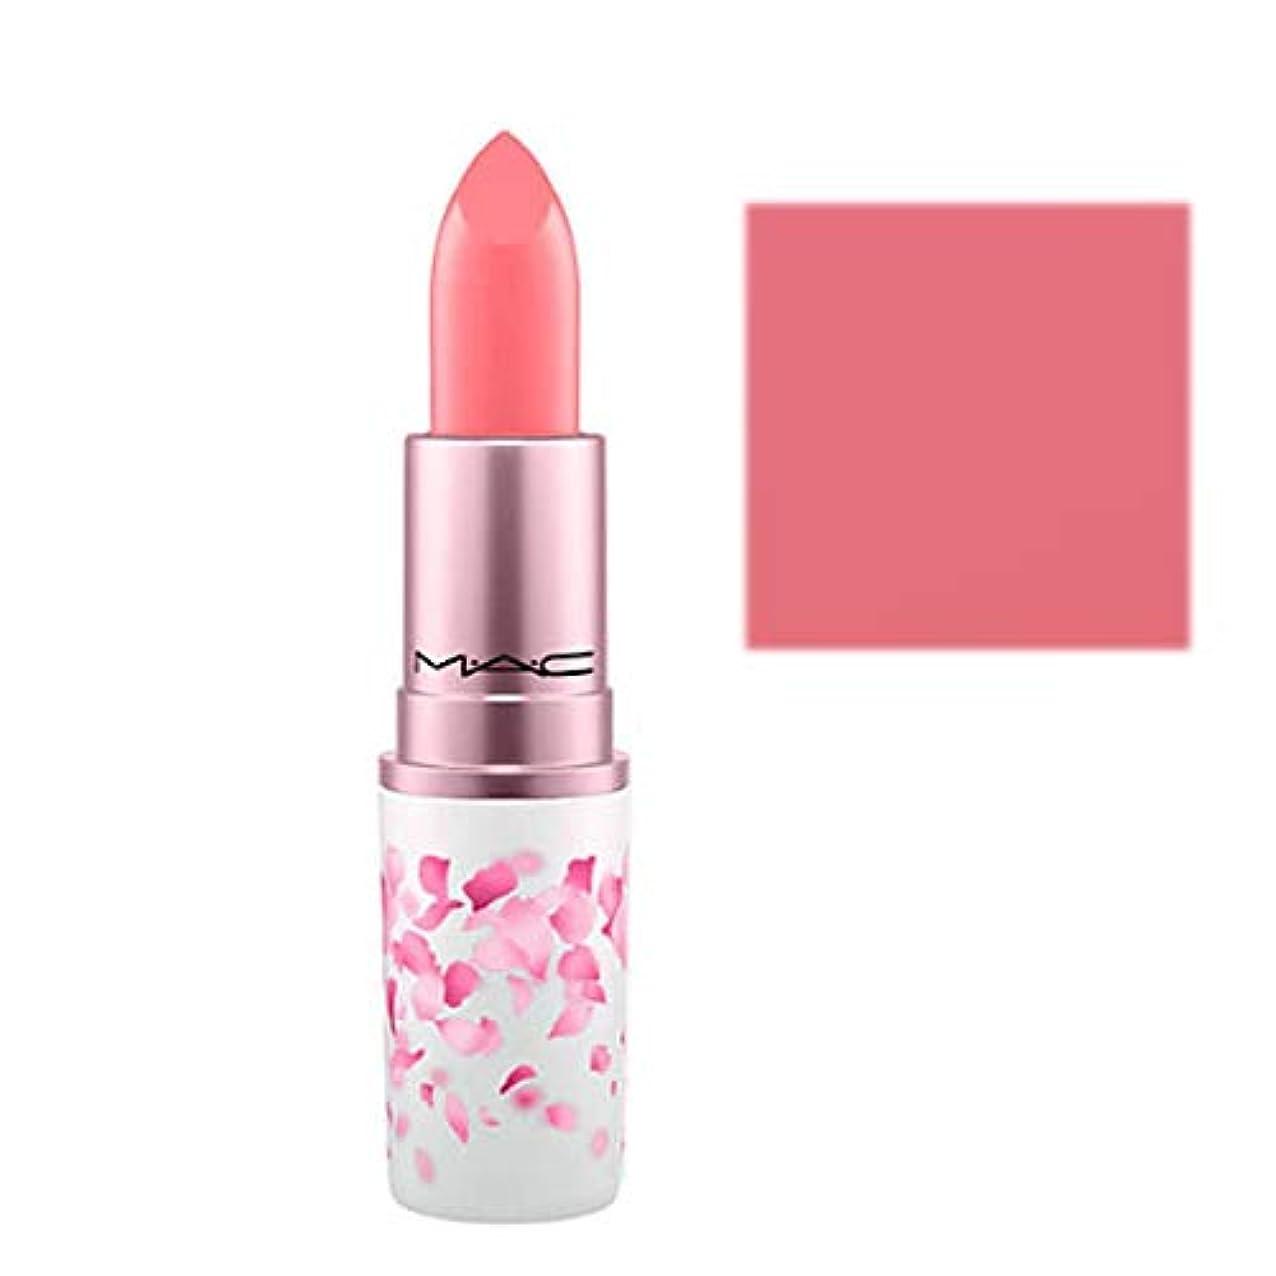 自動化ビュッフェ手首M.A.C ?マック, 限定版, 2019 Spring, Lipstick/Boom, Boom, Bloom - Hi-Fructease [海外直送品] [並行輸入品]